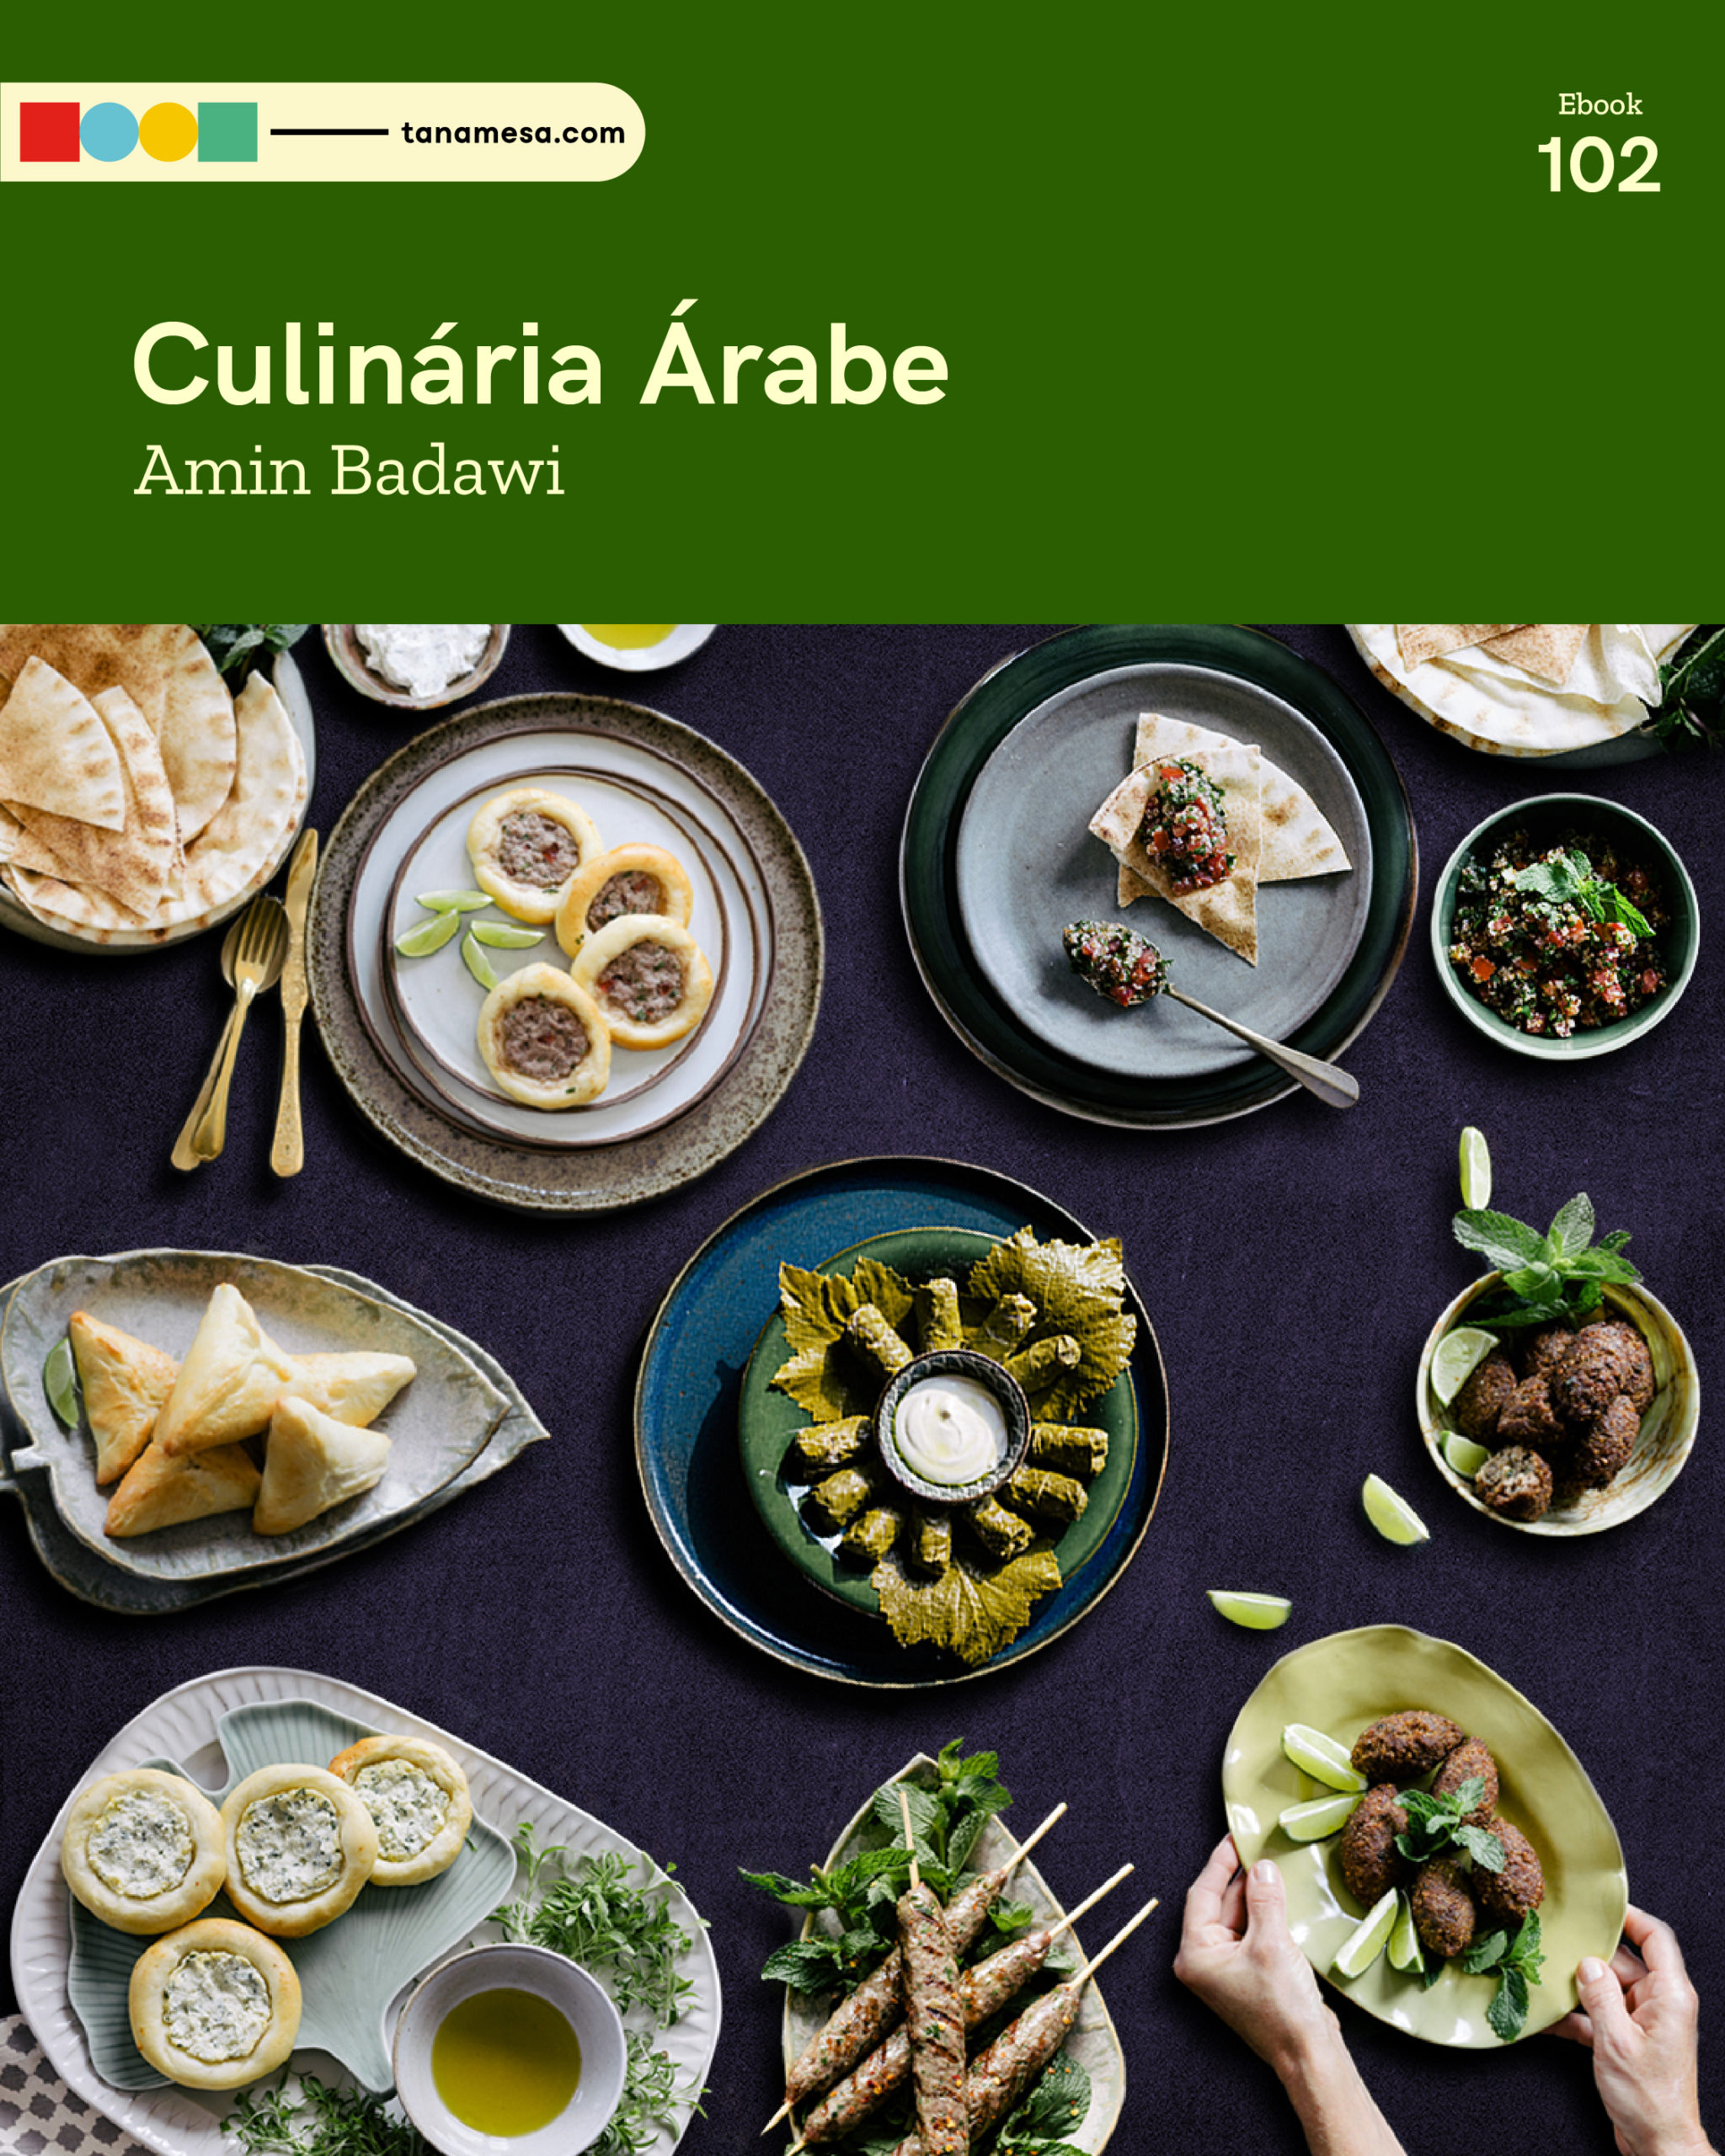 102. Culinária Árabe